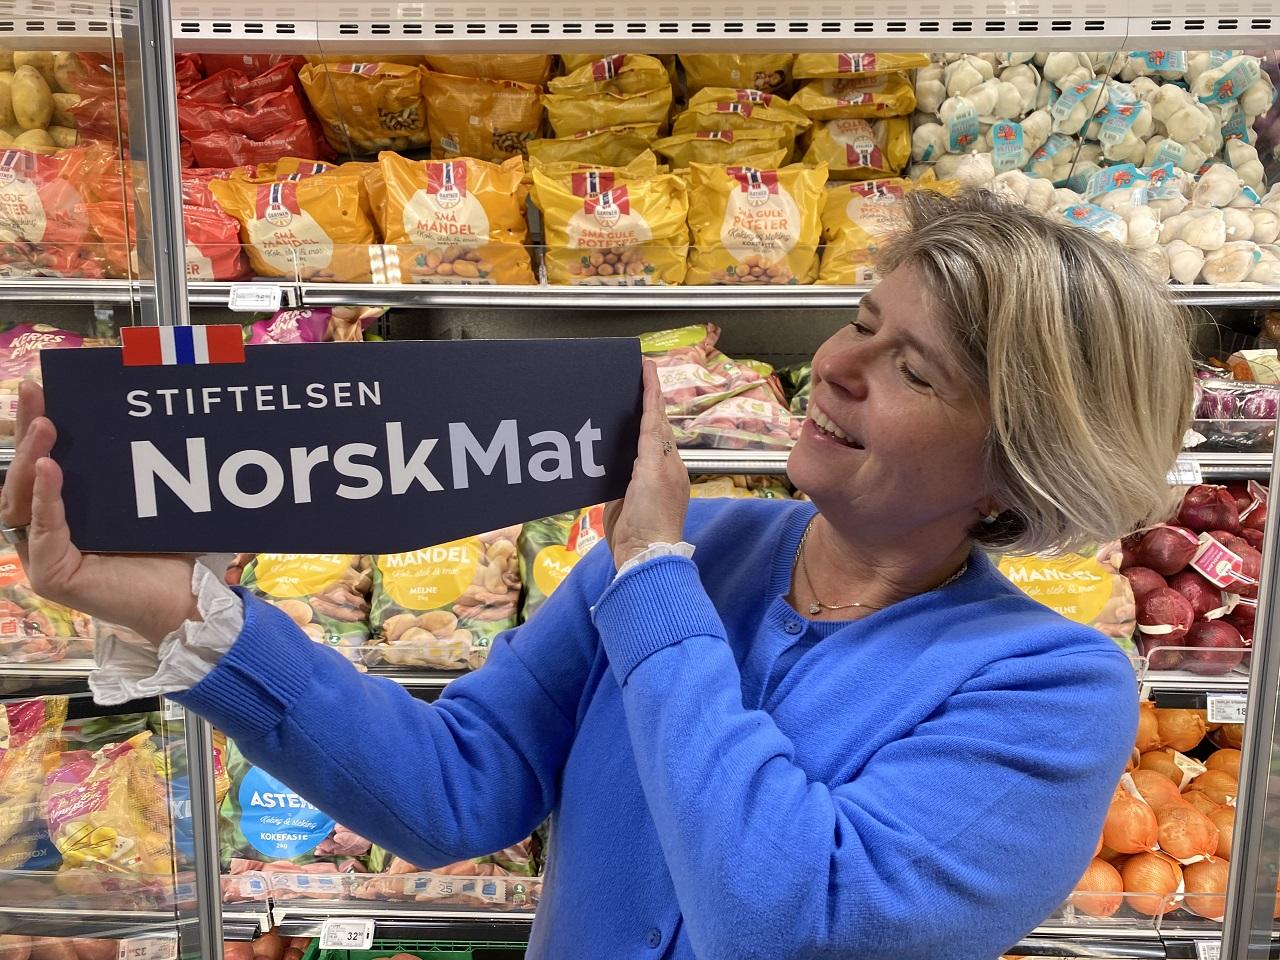 Logo - Stiftelsen Norsk Mat - Matmerk - Nina Sundqvist